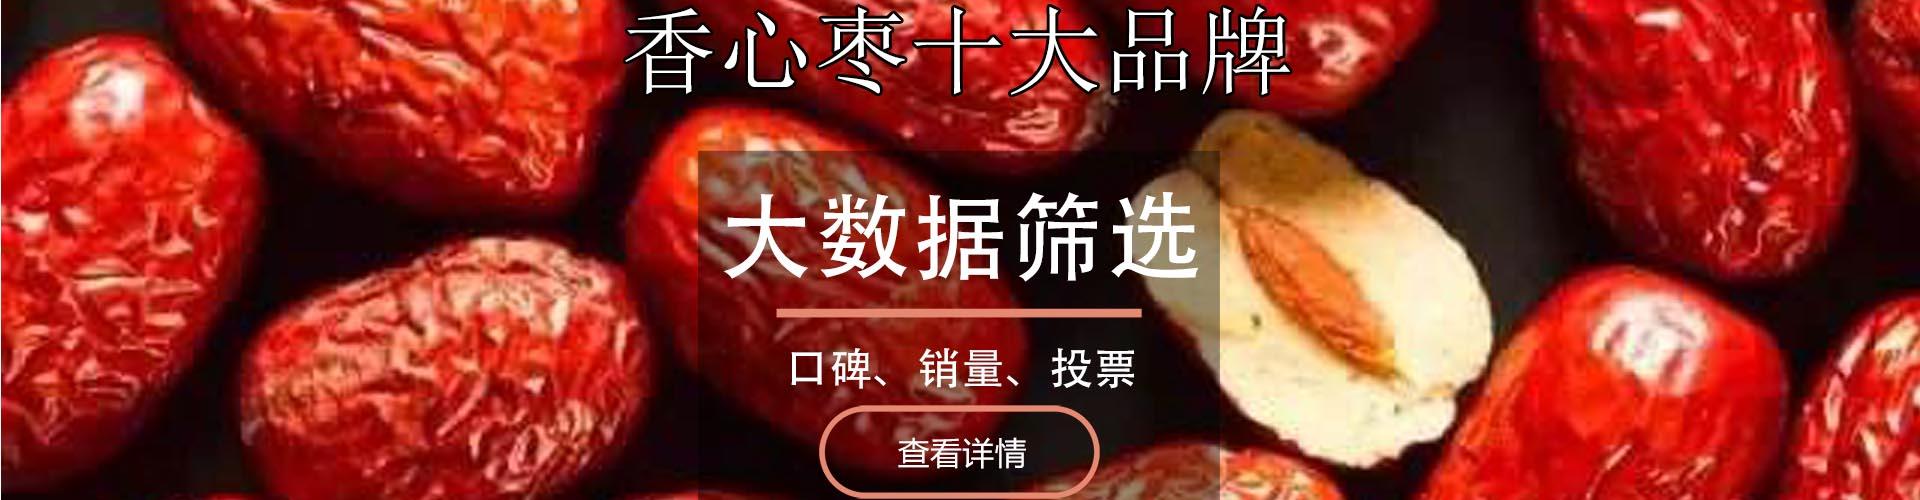 香心枣十大品牌排行榜